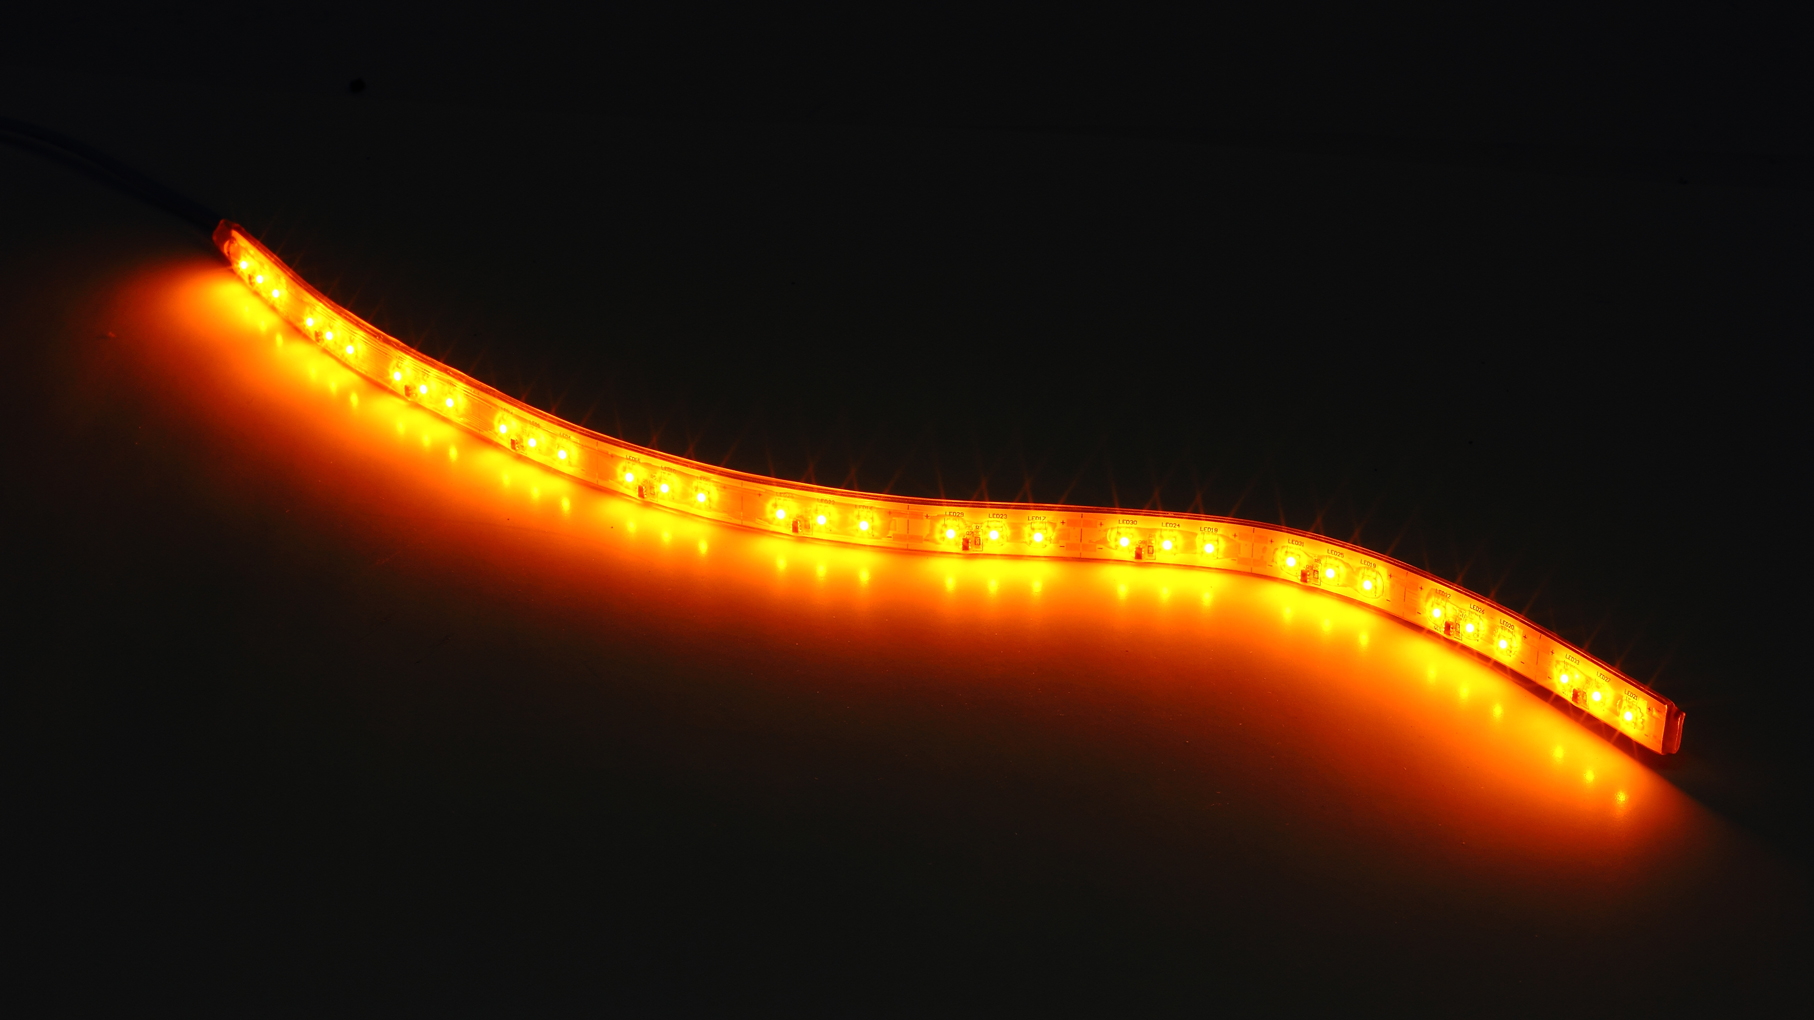 Fsl Series Waterproof Lights Ultra Low Profile Flexible